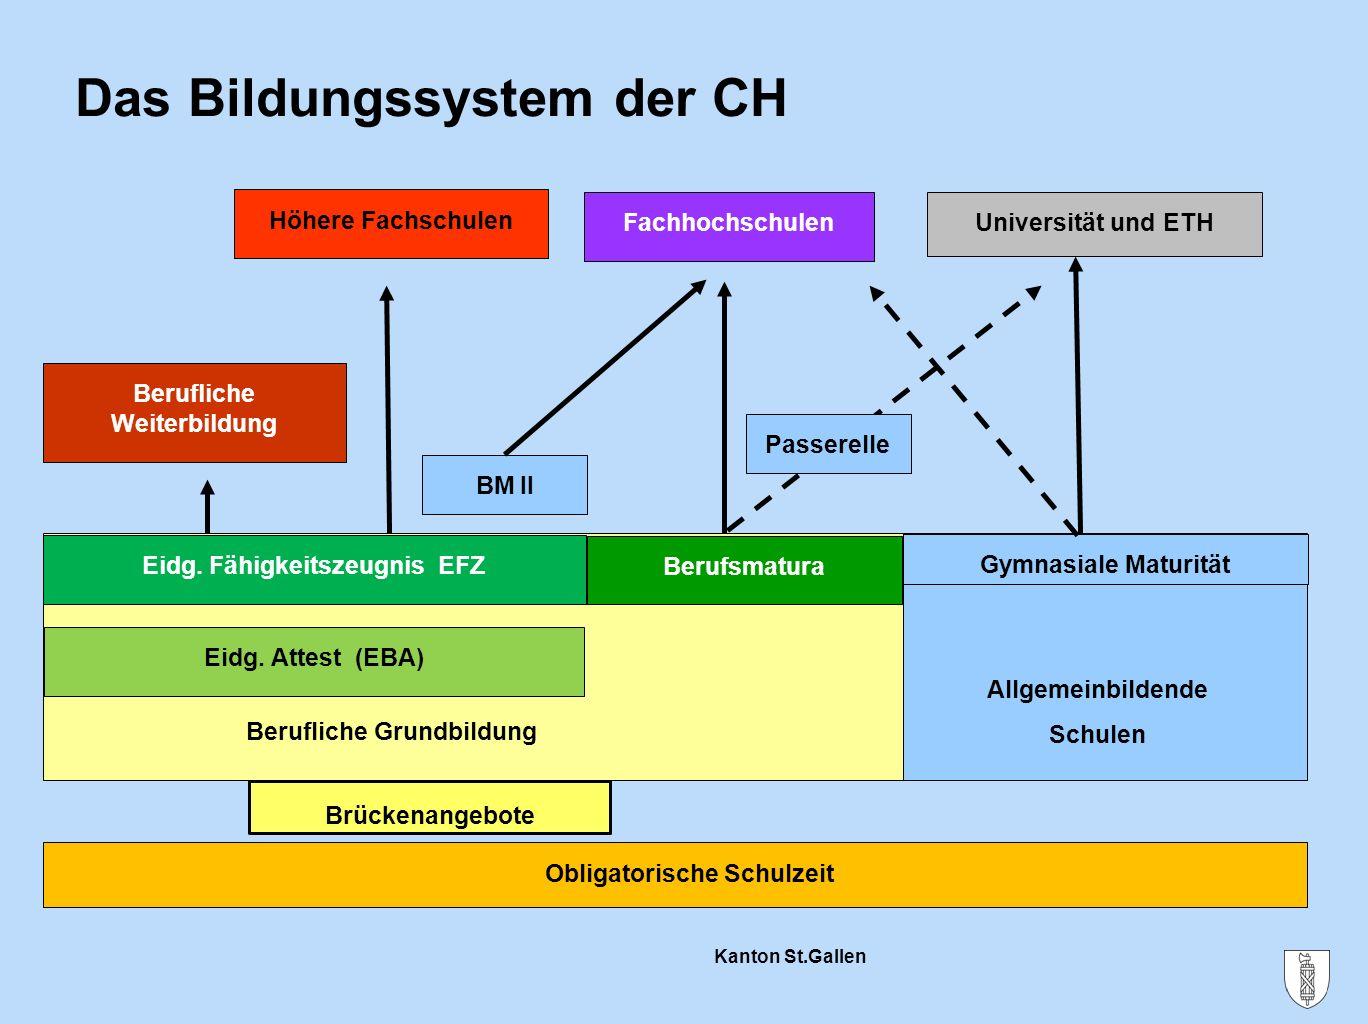 Kanton St.Gallen Das Bildungssystem der CH Berufliche Grundbildung Obligatorische Schulzeit Eidg. Attest (EBA) Eidg. Fähigkeitszeugnis EFZ Höhere Fach